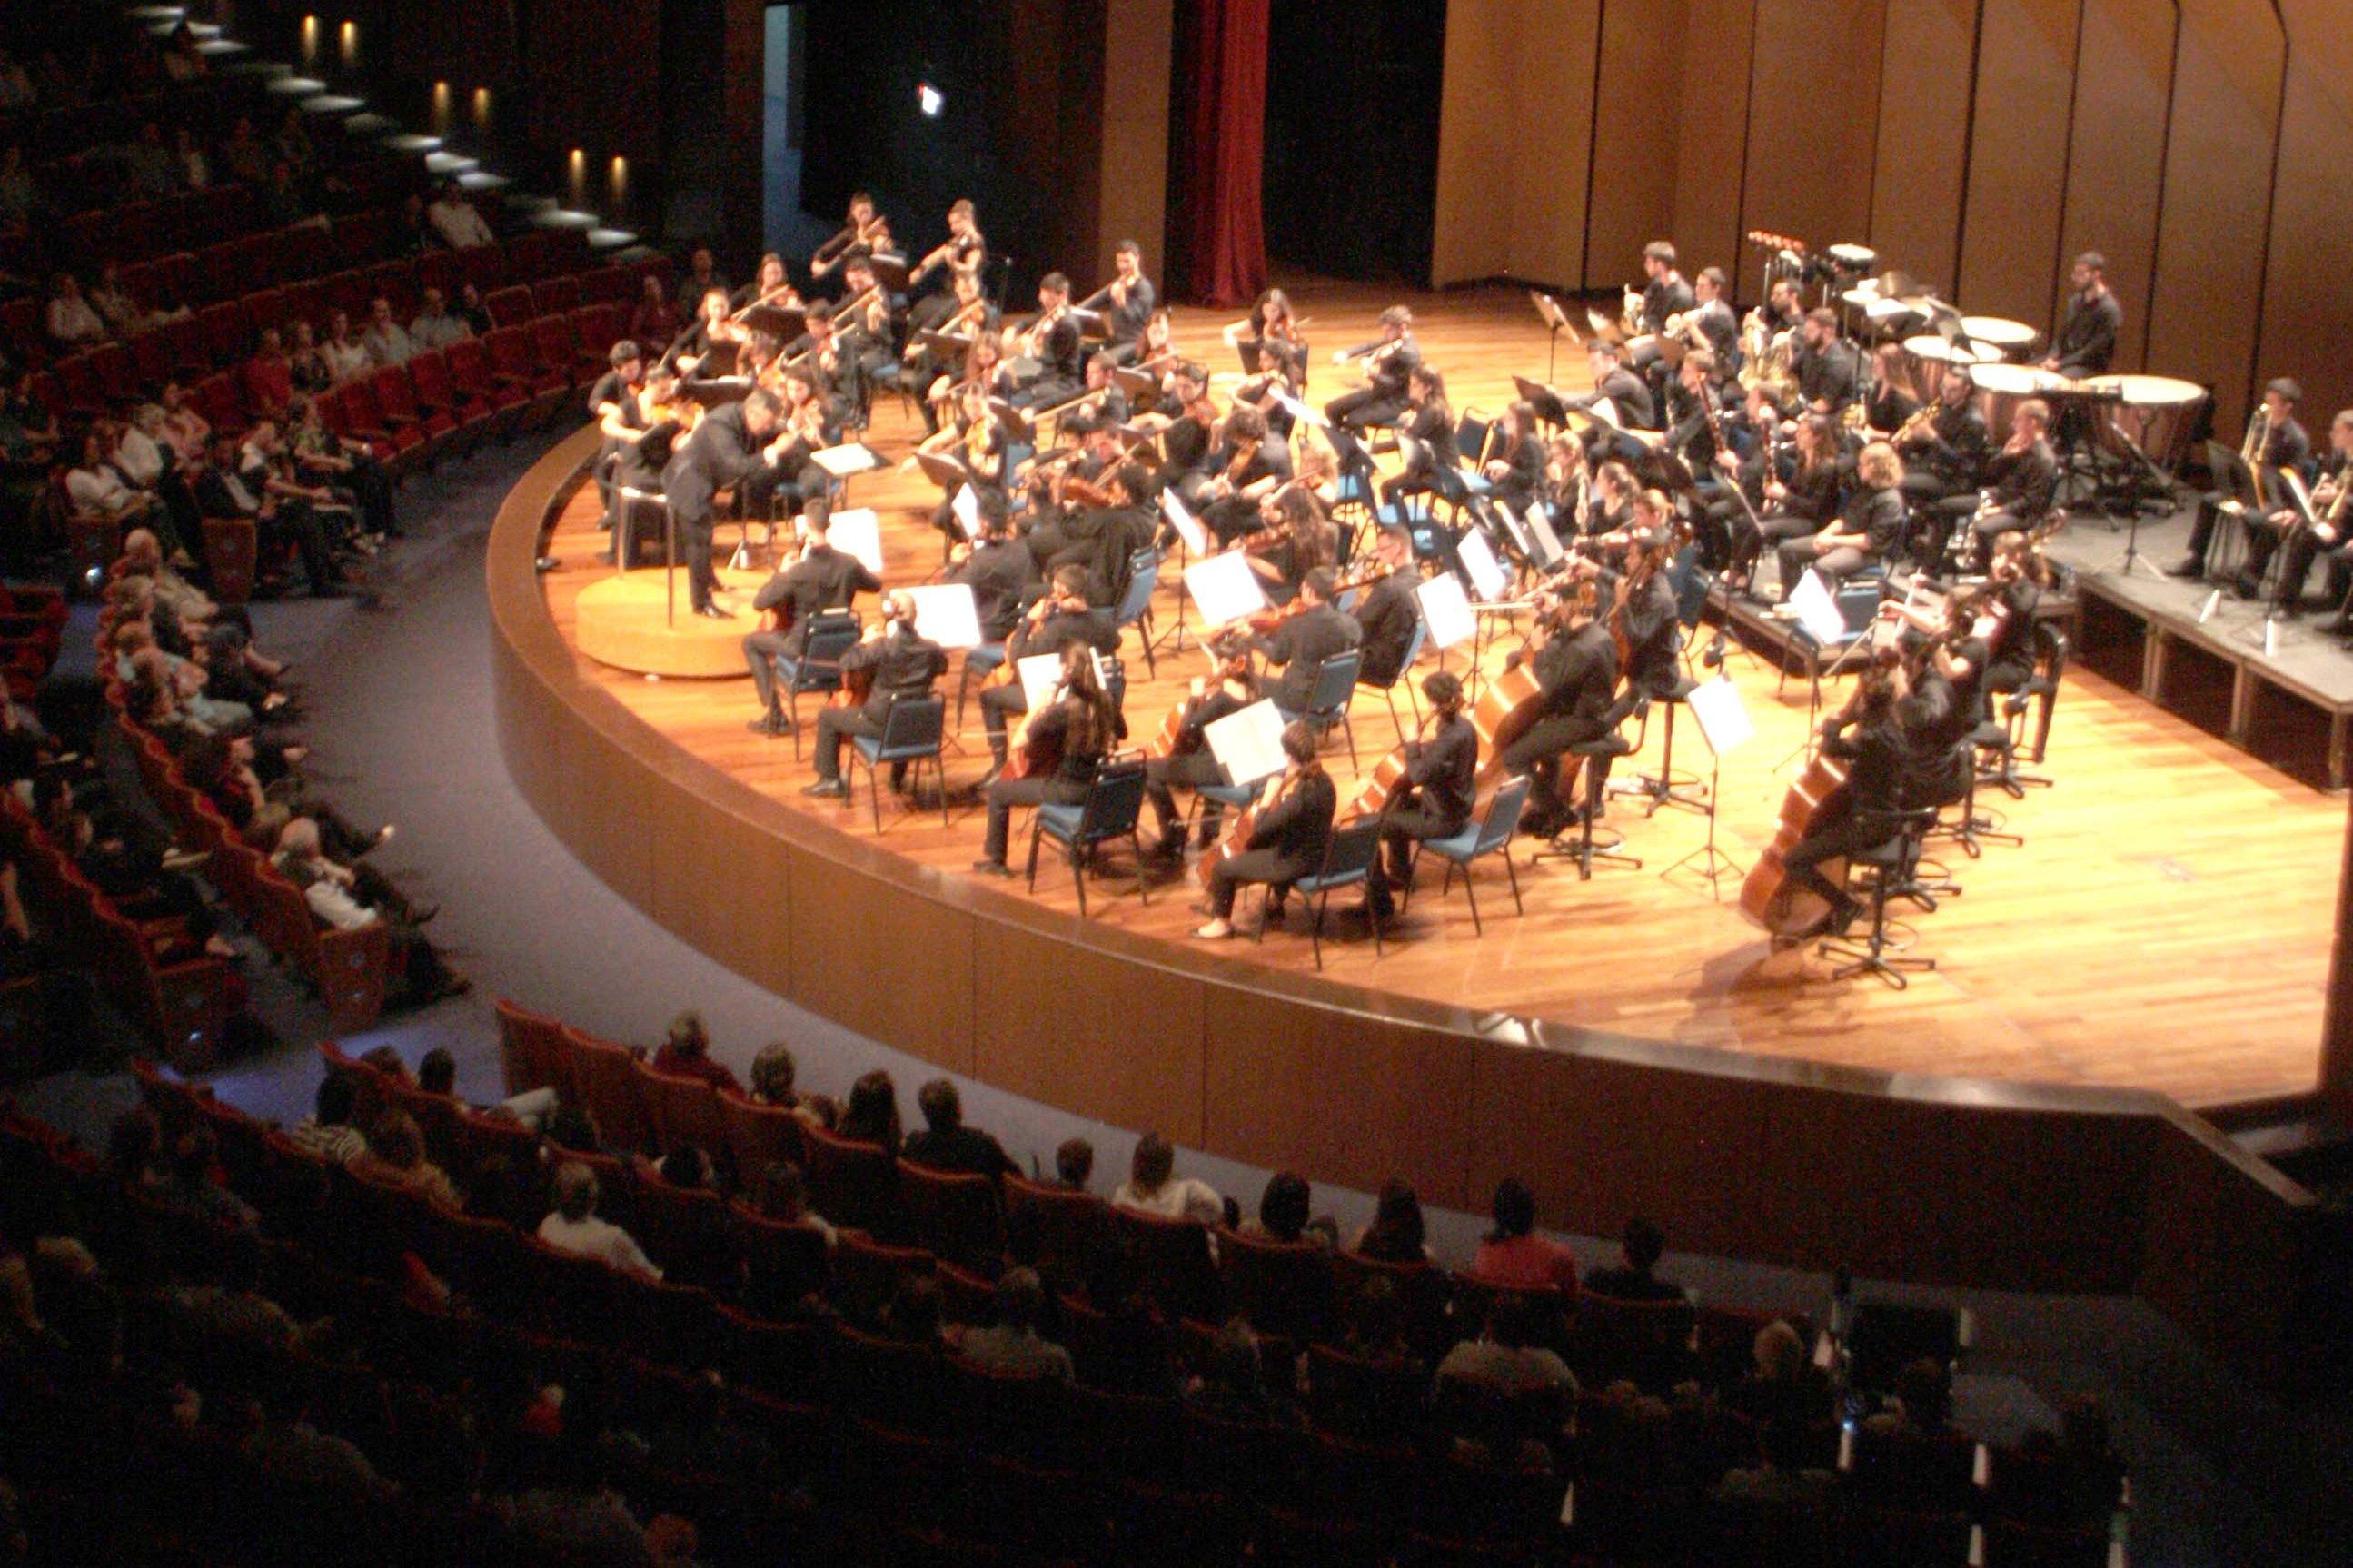 Concerto da Filarmônica Jovem de Israel atrai pouco público